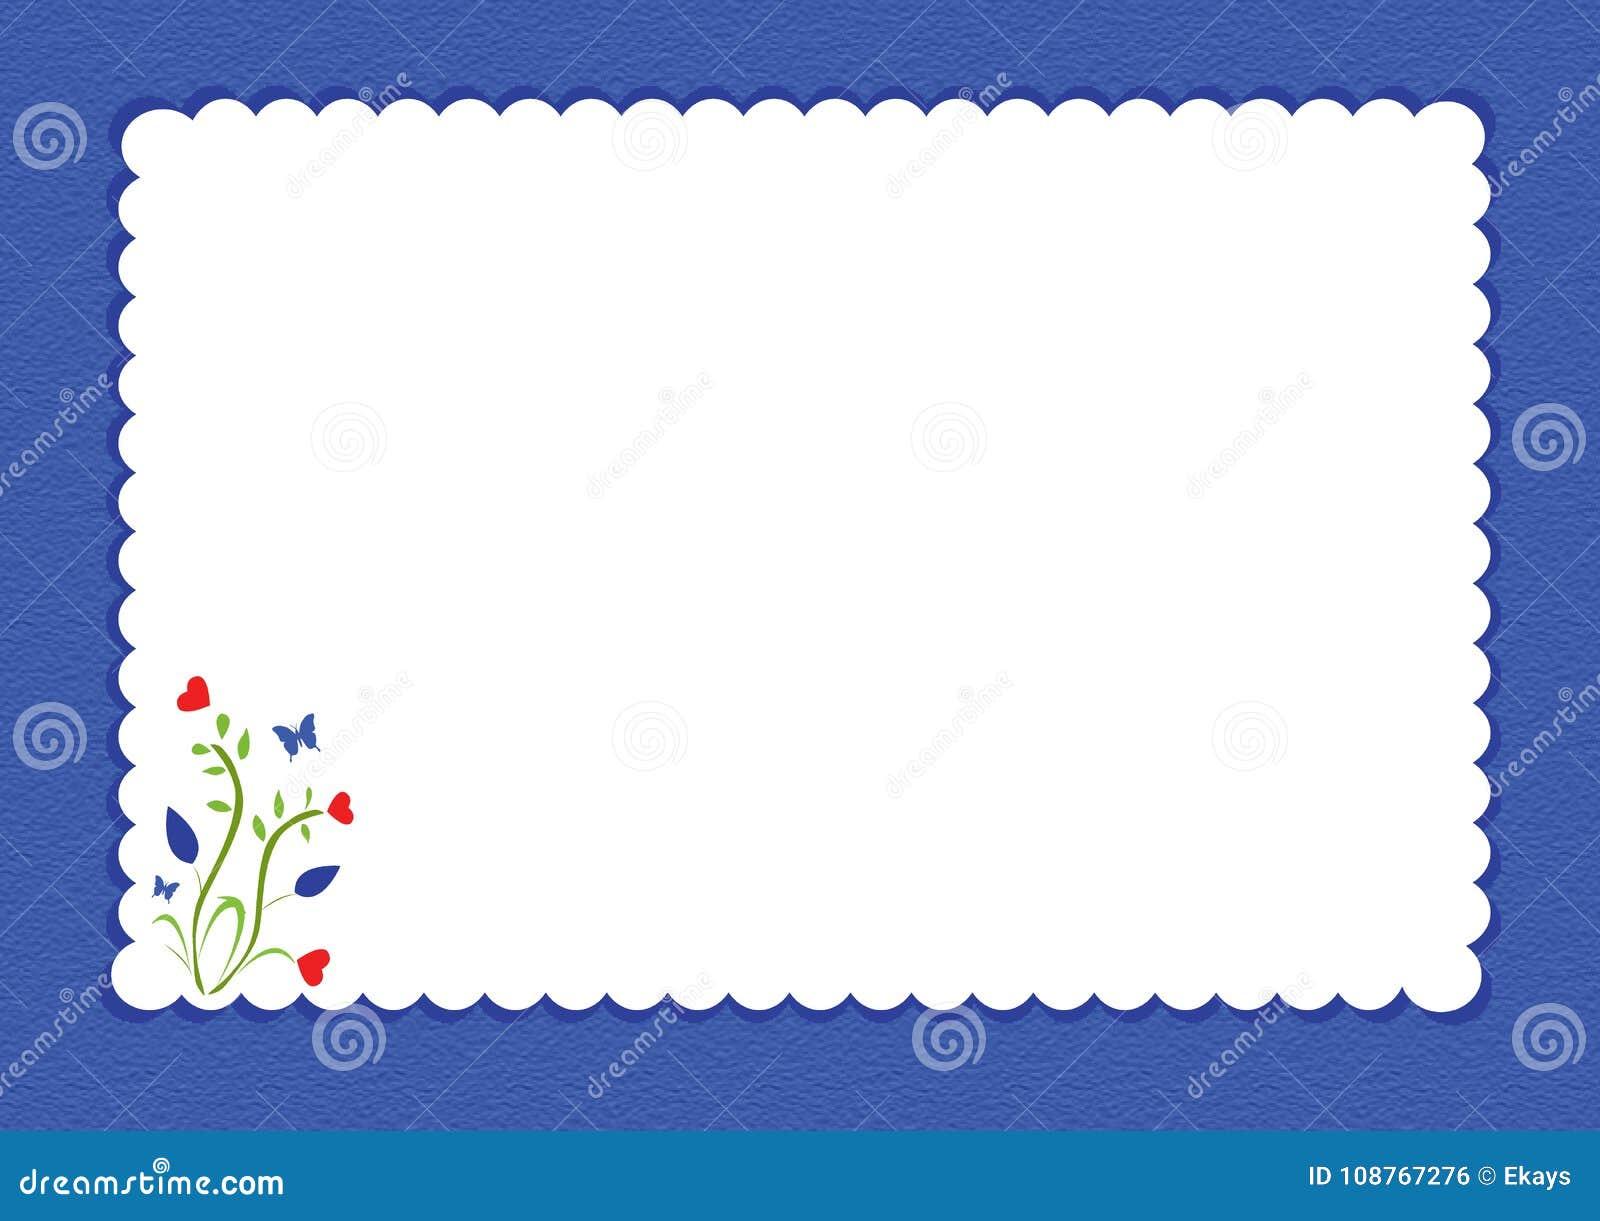 Blauwe gegratineerde grens met bloemenontwerp